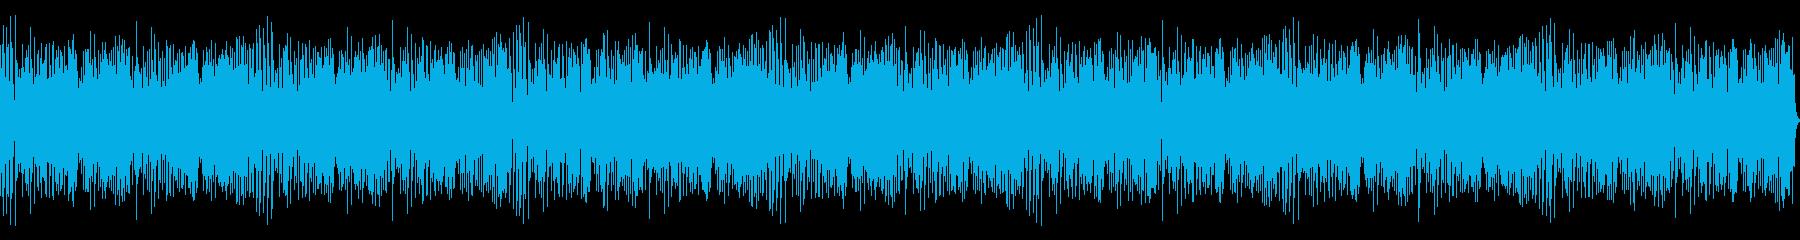 運動会♪リレーの曲♪犬猫・ゆるかわverの再生済みの波形